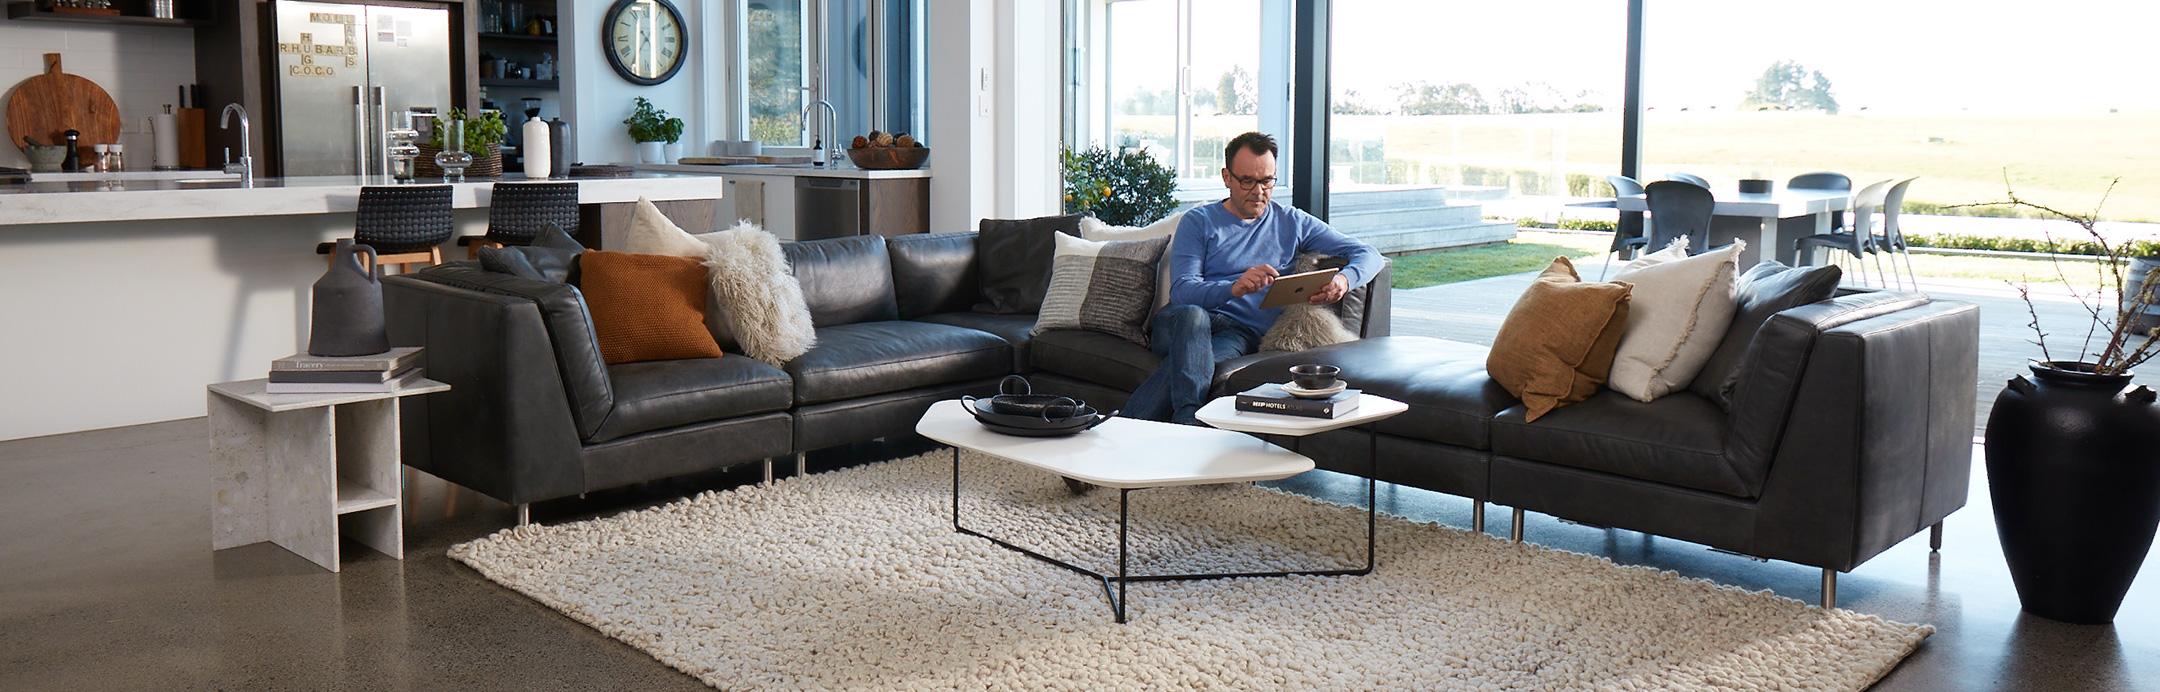 Modular Furniture Banner Image